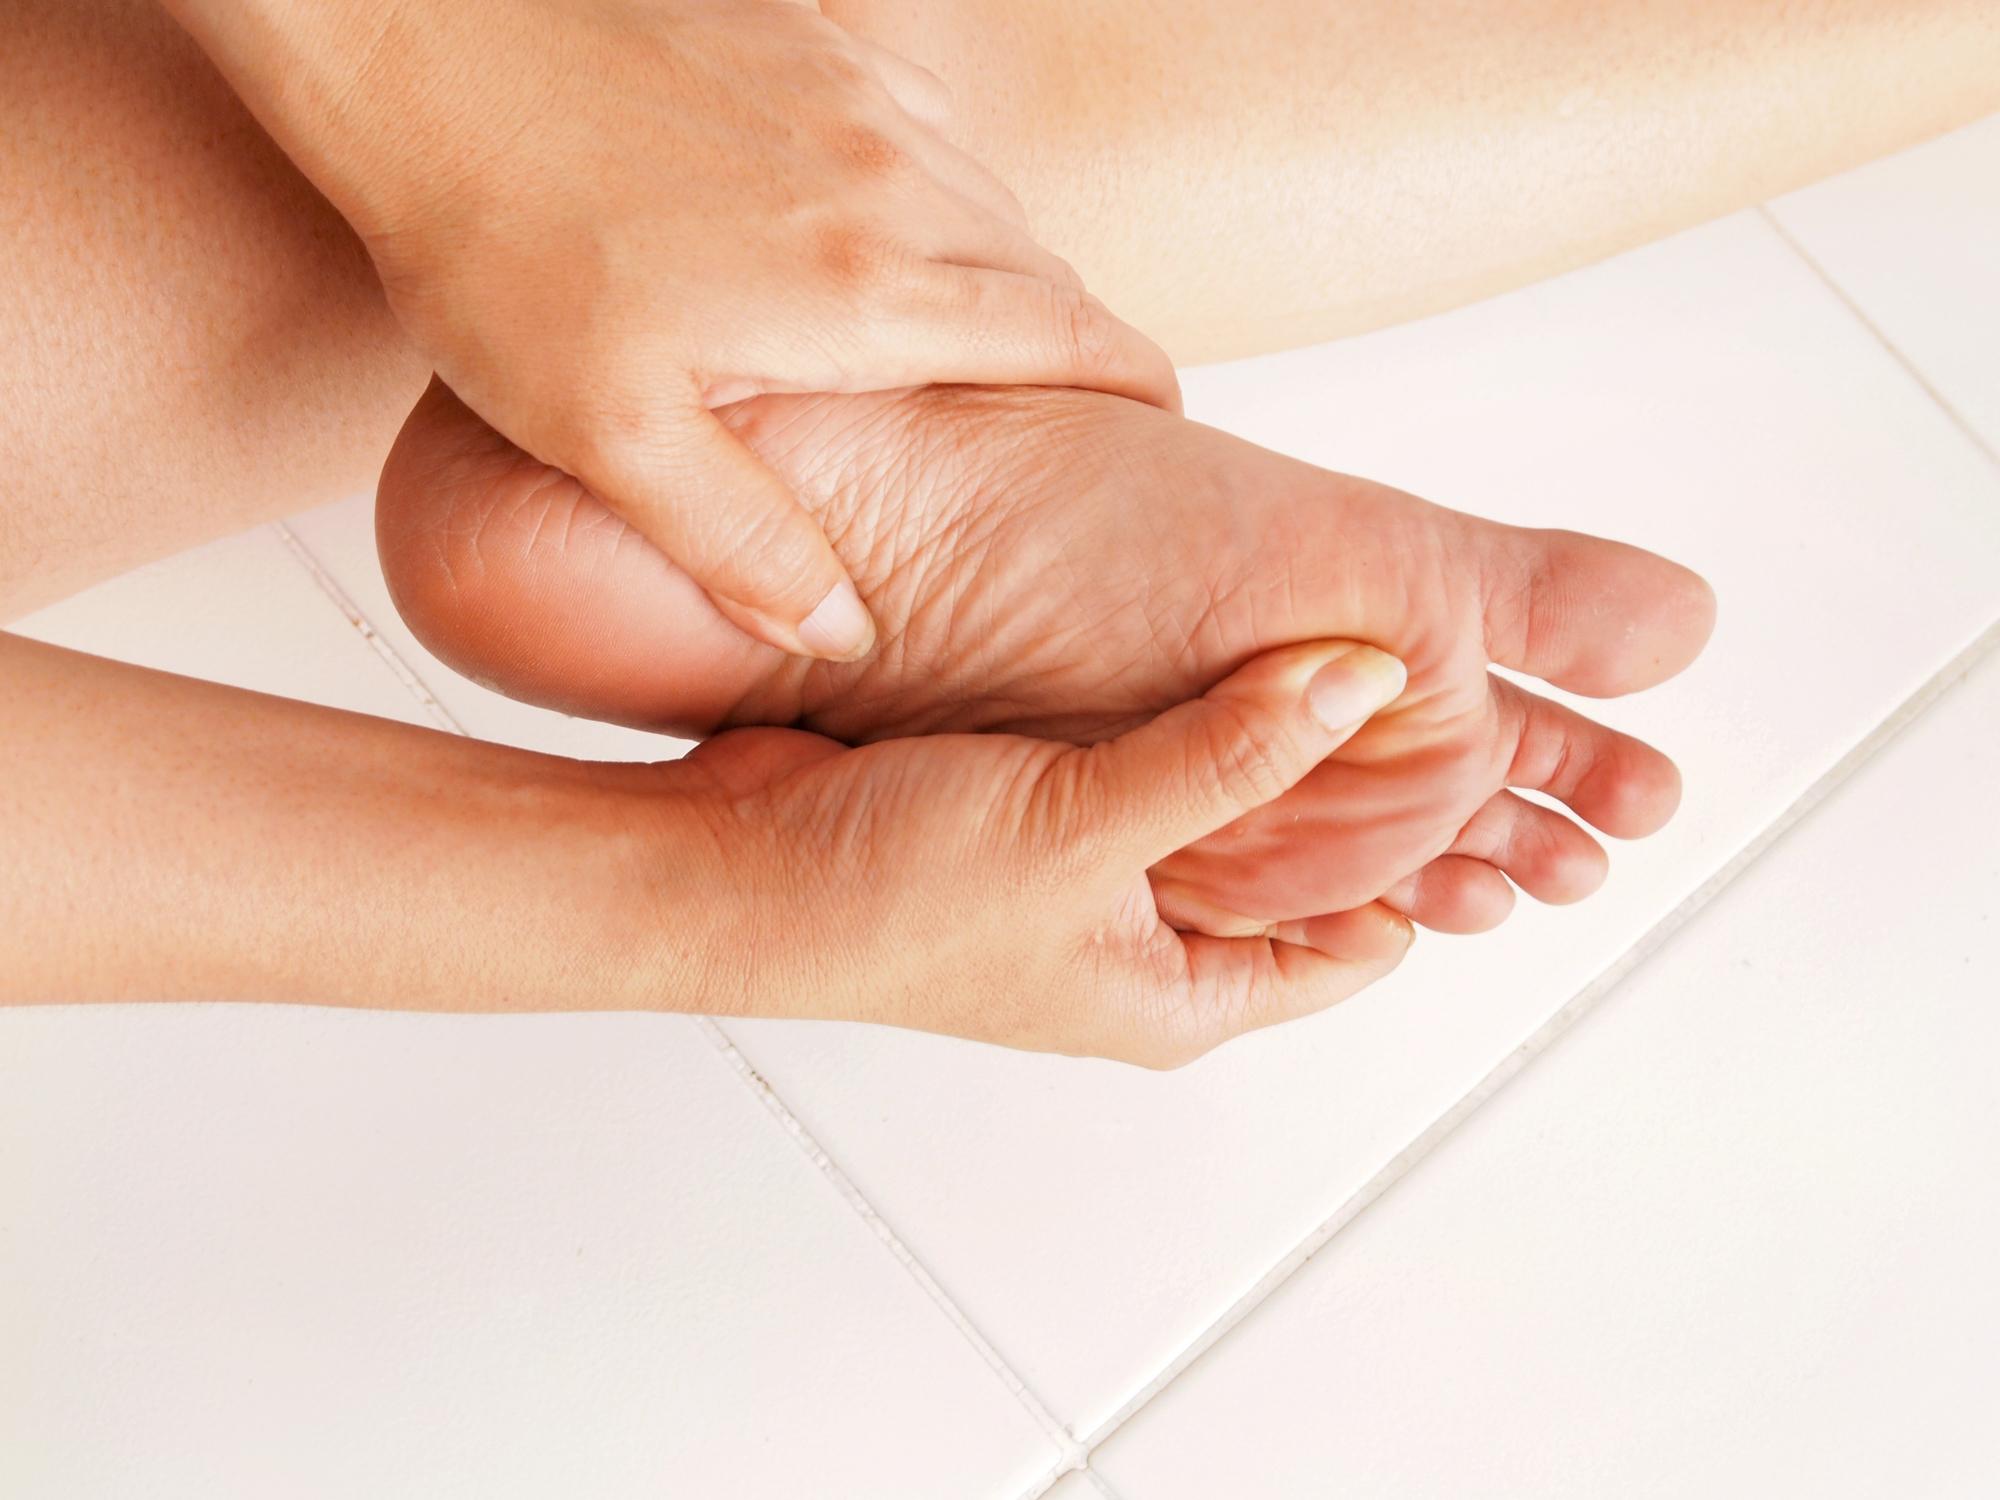 Maini & Picioare